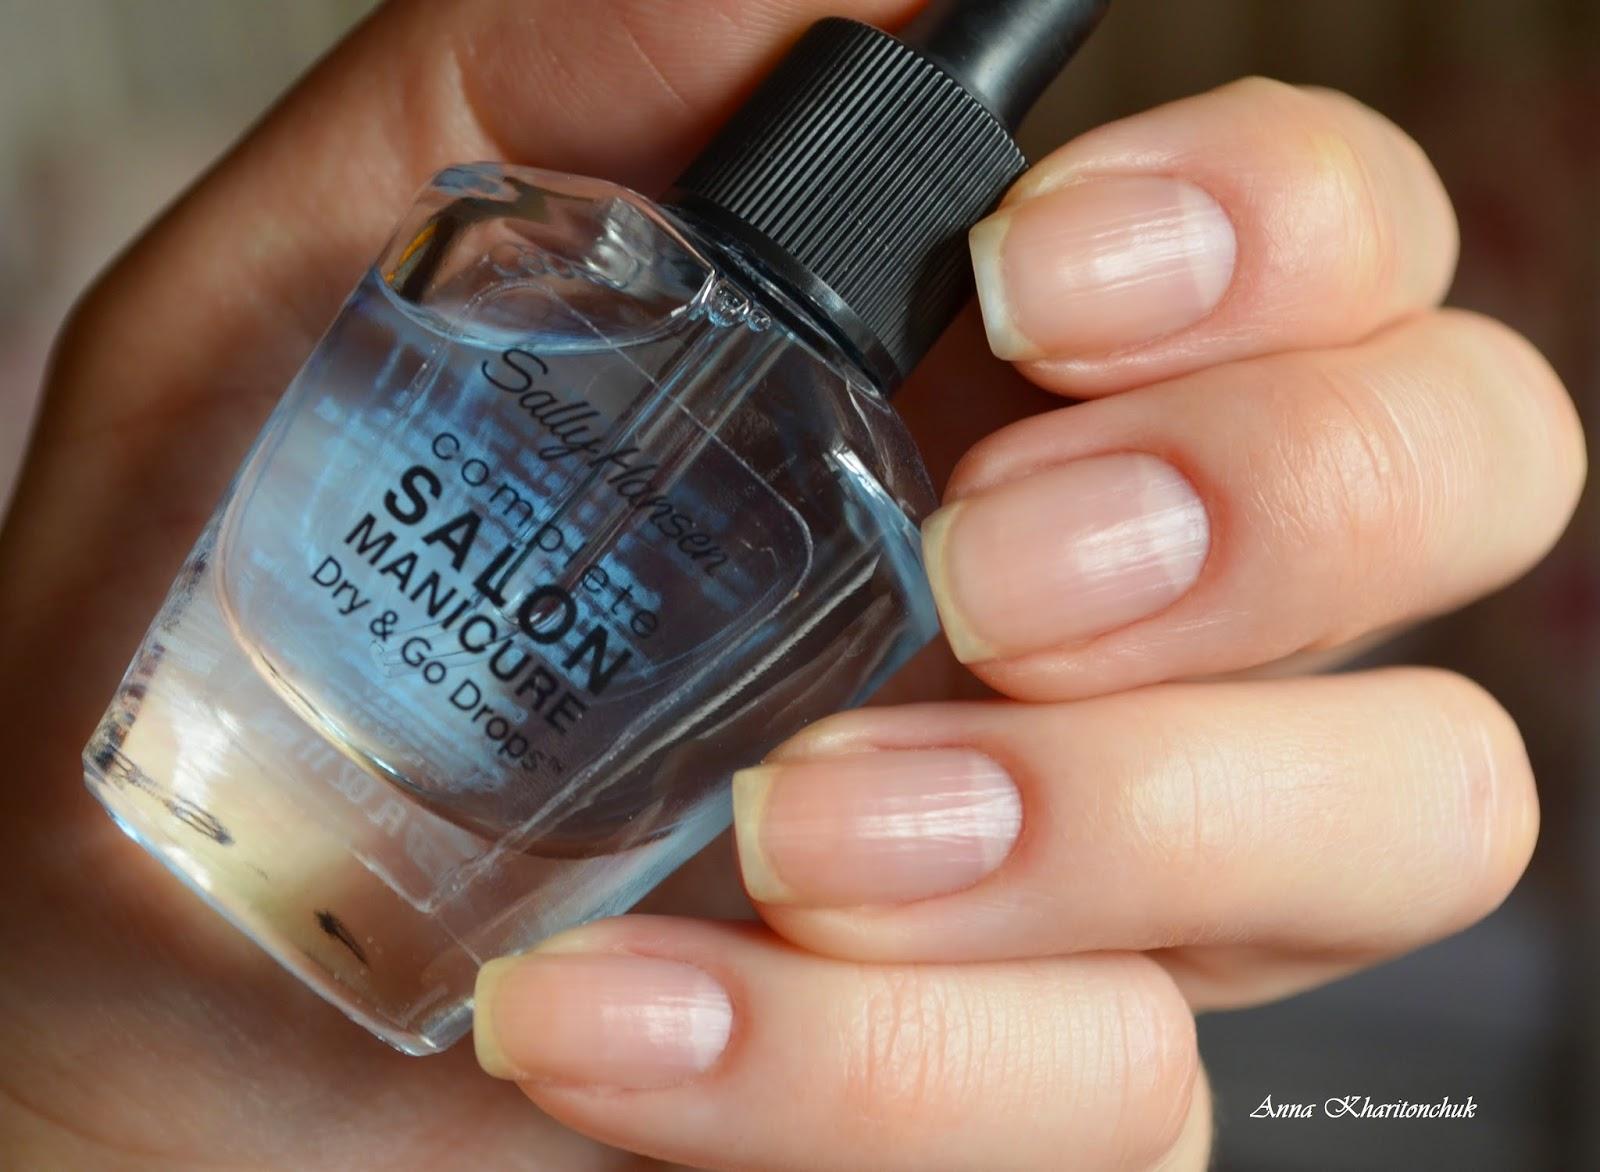 Sally Hansen Manicure Dry&Go Drops капли для быстрого высушивания лака